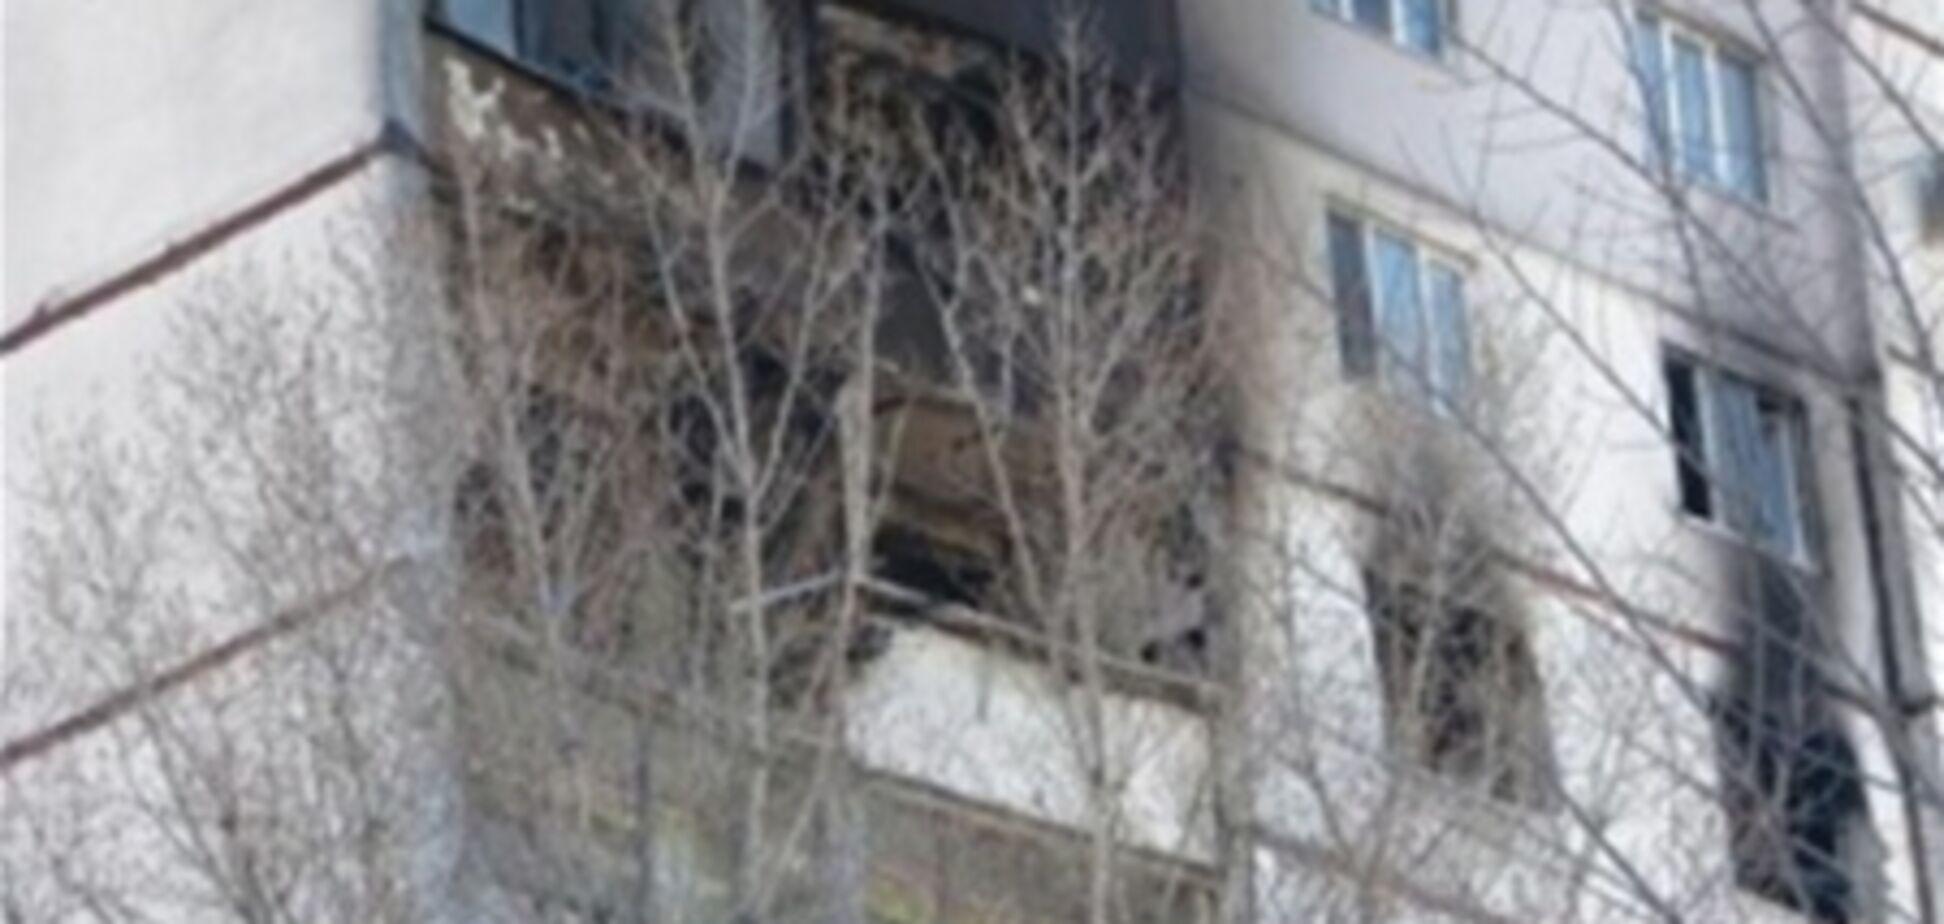 'Харківміськгаз': причиною вибуху став пошкоджений газовий балон